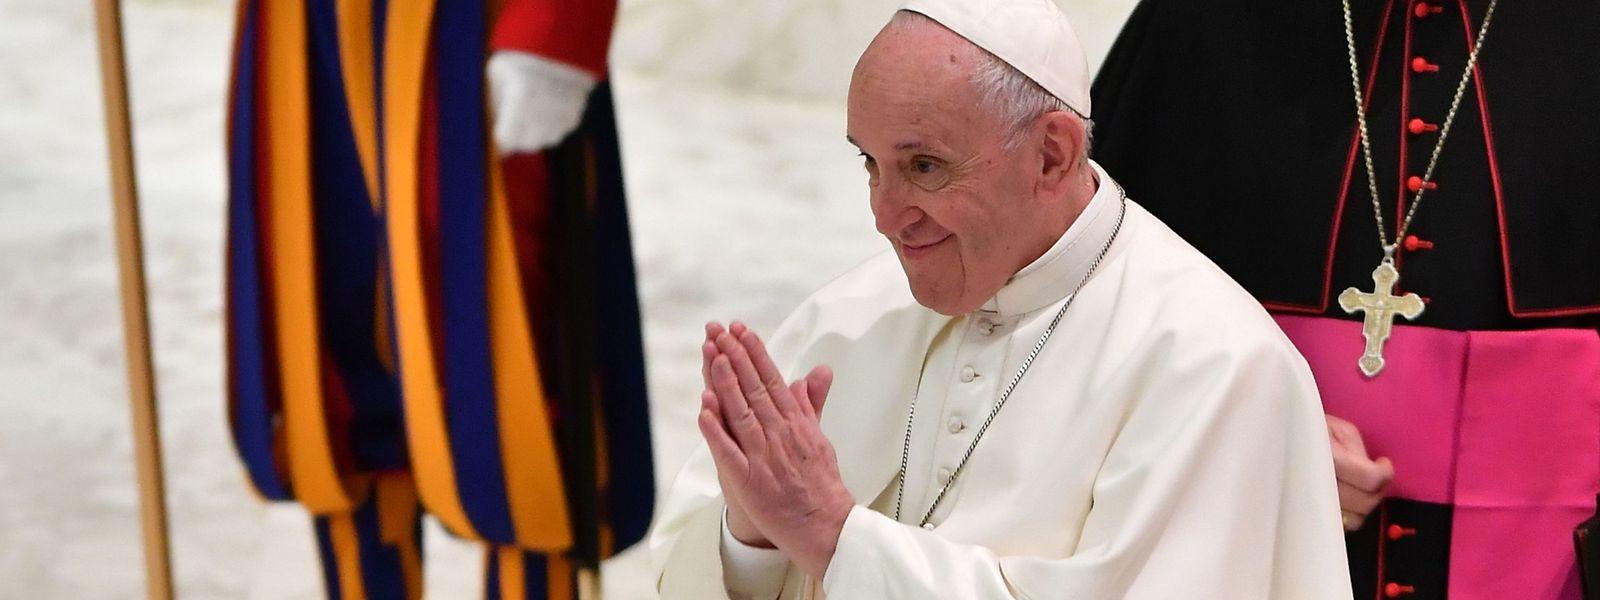 Le texte publié vendredi par le pape François prévoit notamment un contrôle de la sélection du personnel appelé à travailler avec des mineurs et des personnes vulnérables.